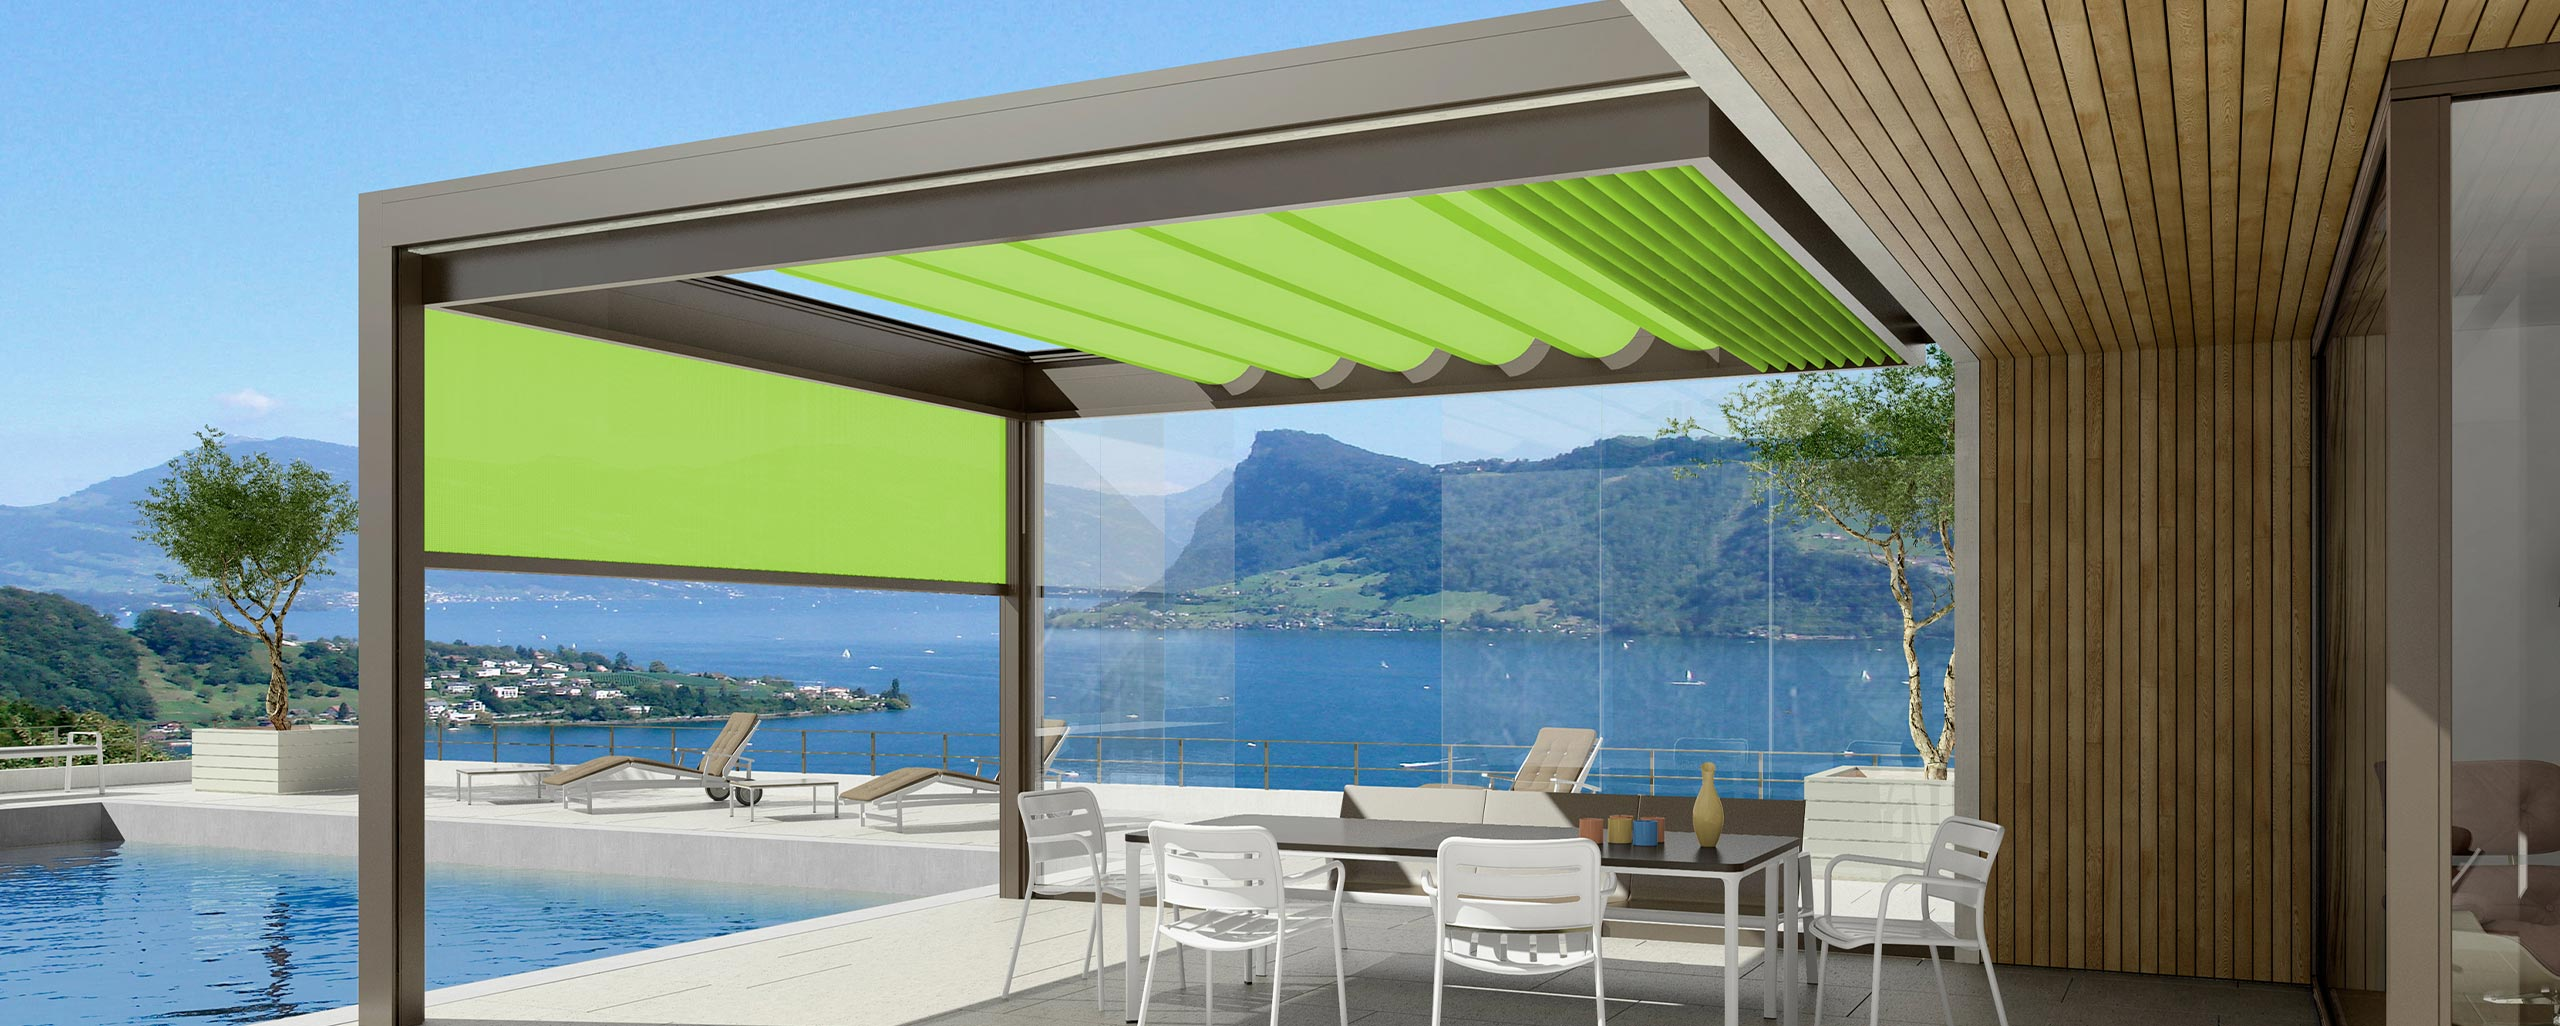 Glasdachbeschattung mit Sonnenmarkise von Leiner oder Klaiber bei BWE in Unterschleißheim.